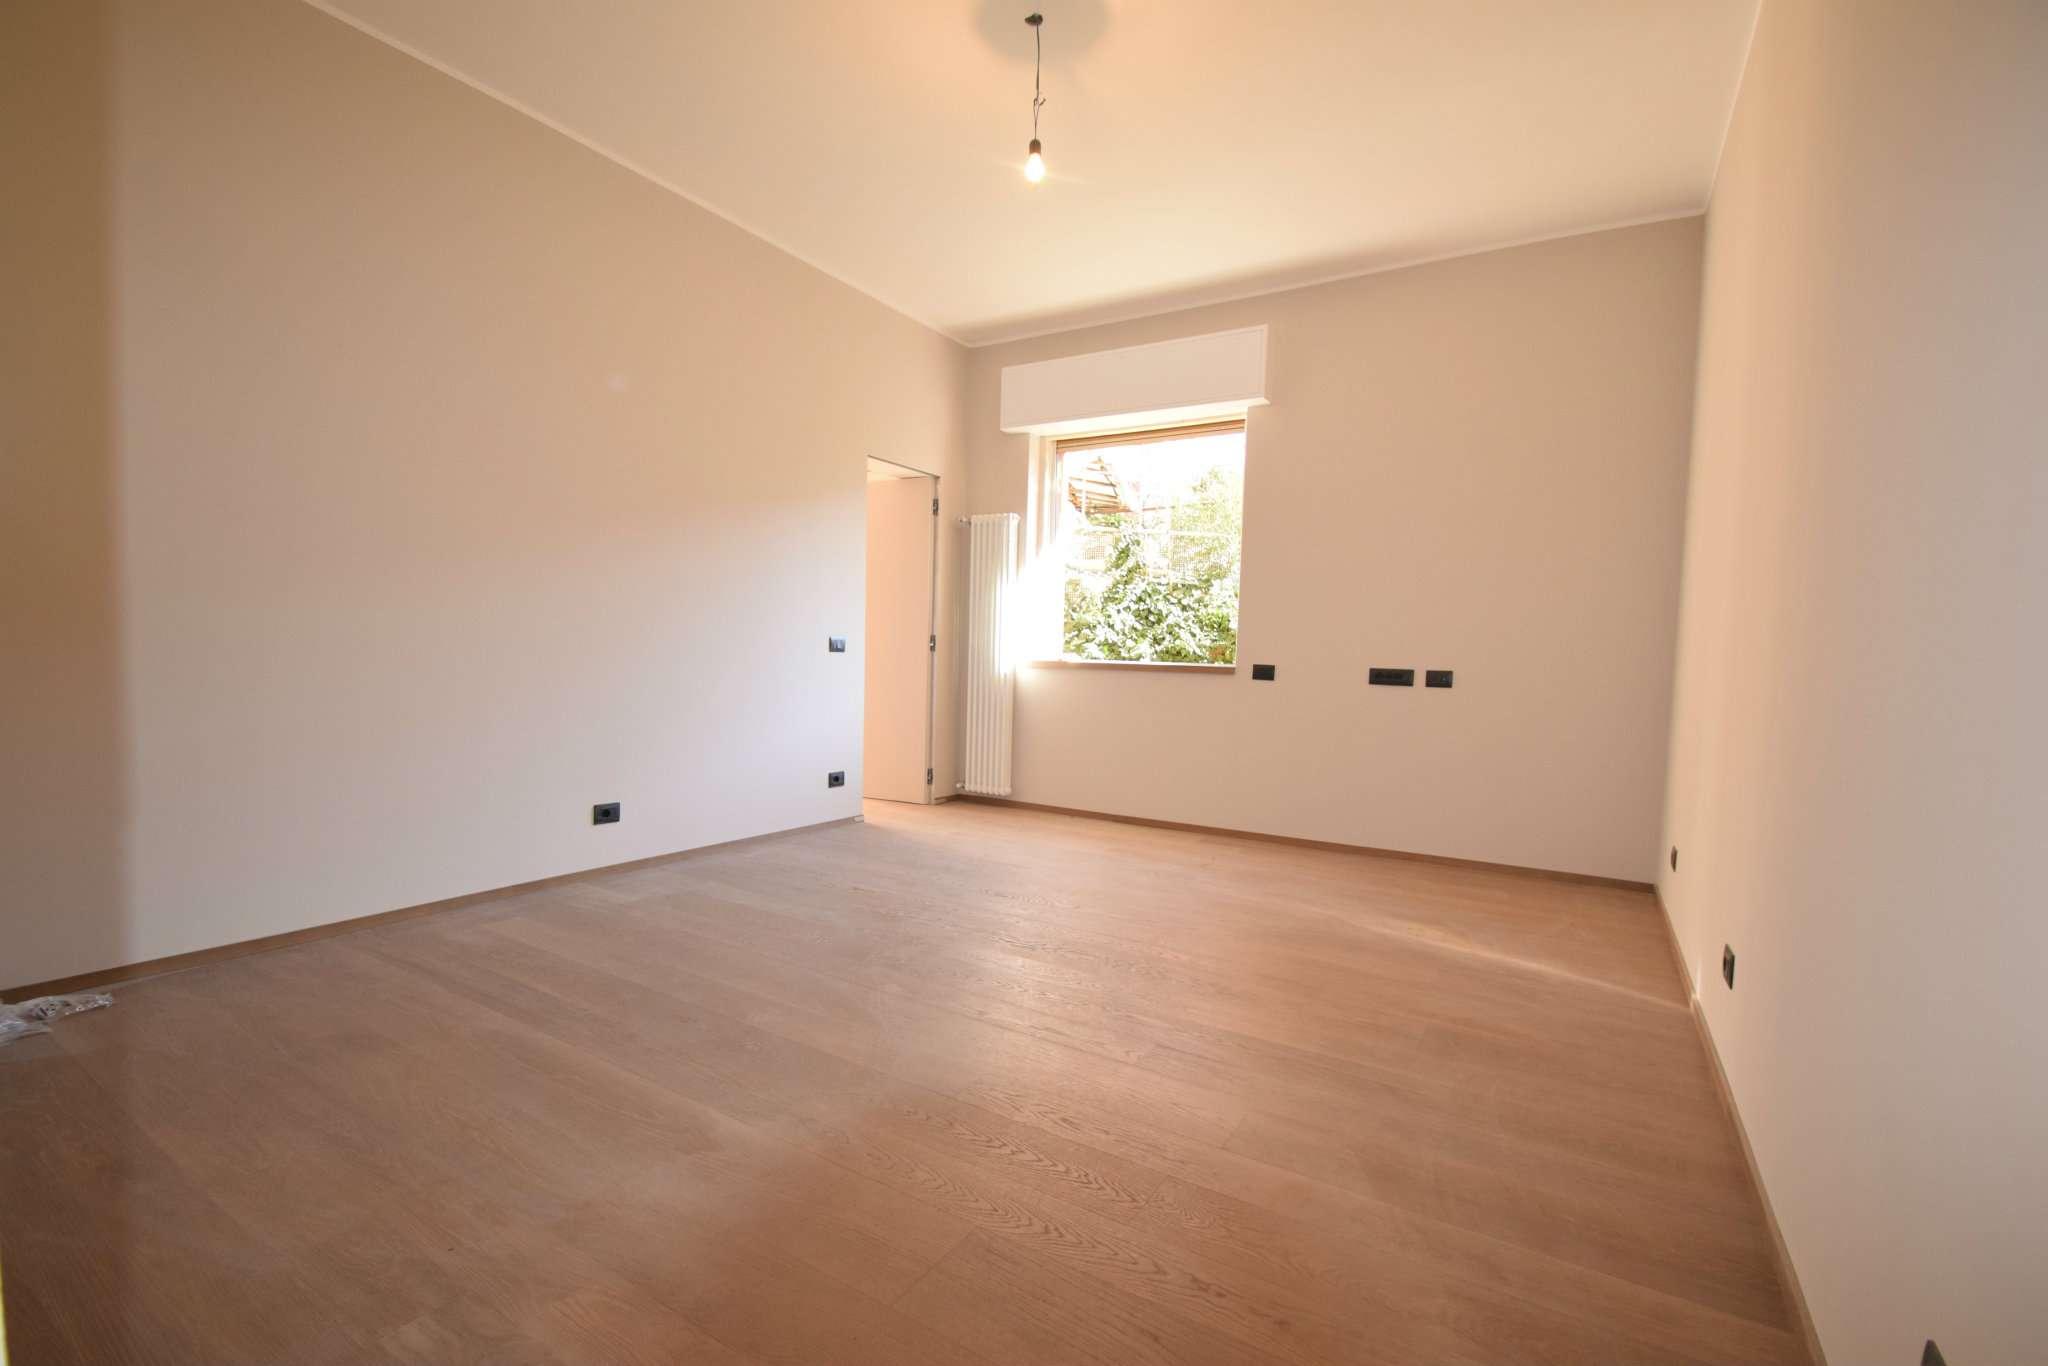 Foto 1 di Appartamento Via Pinetti, Genova (zona Quezzi)